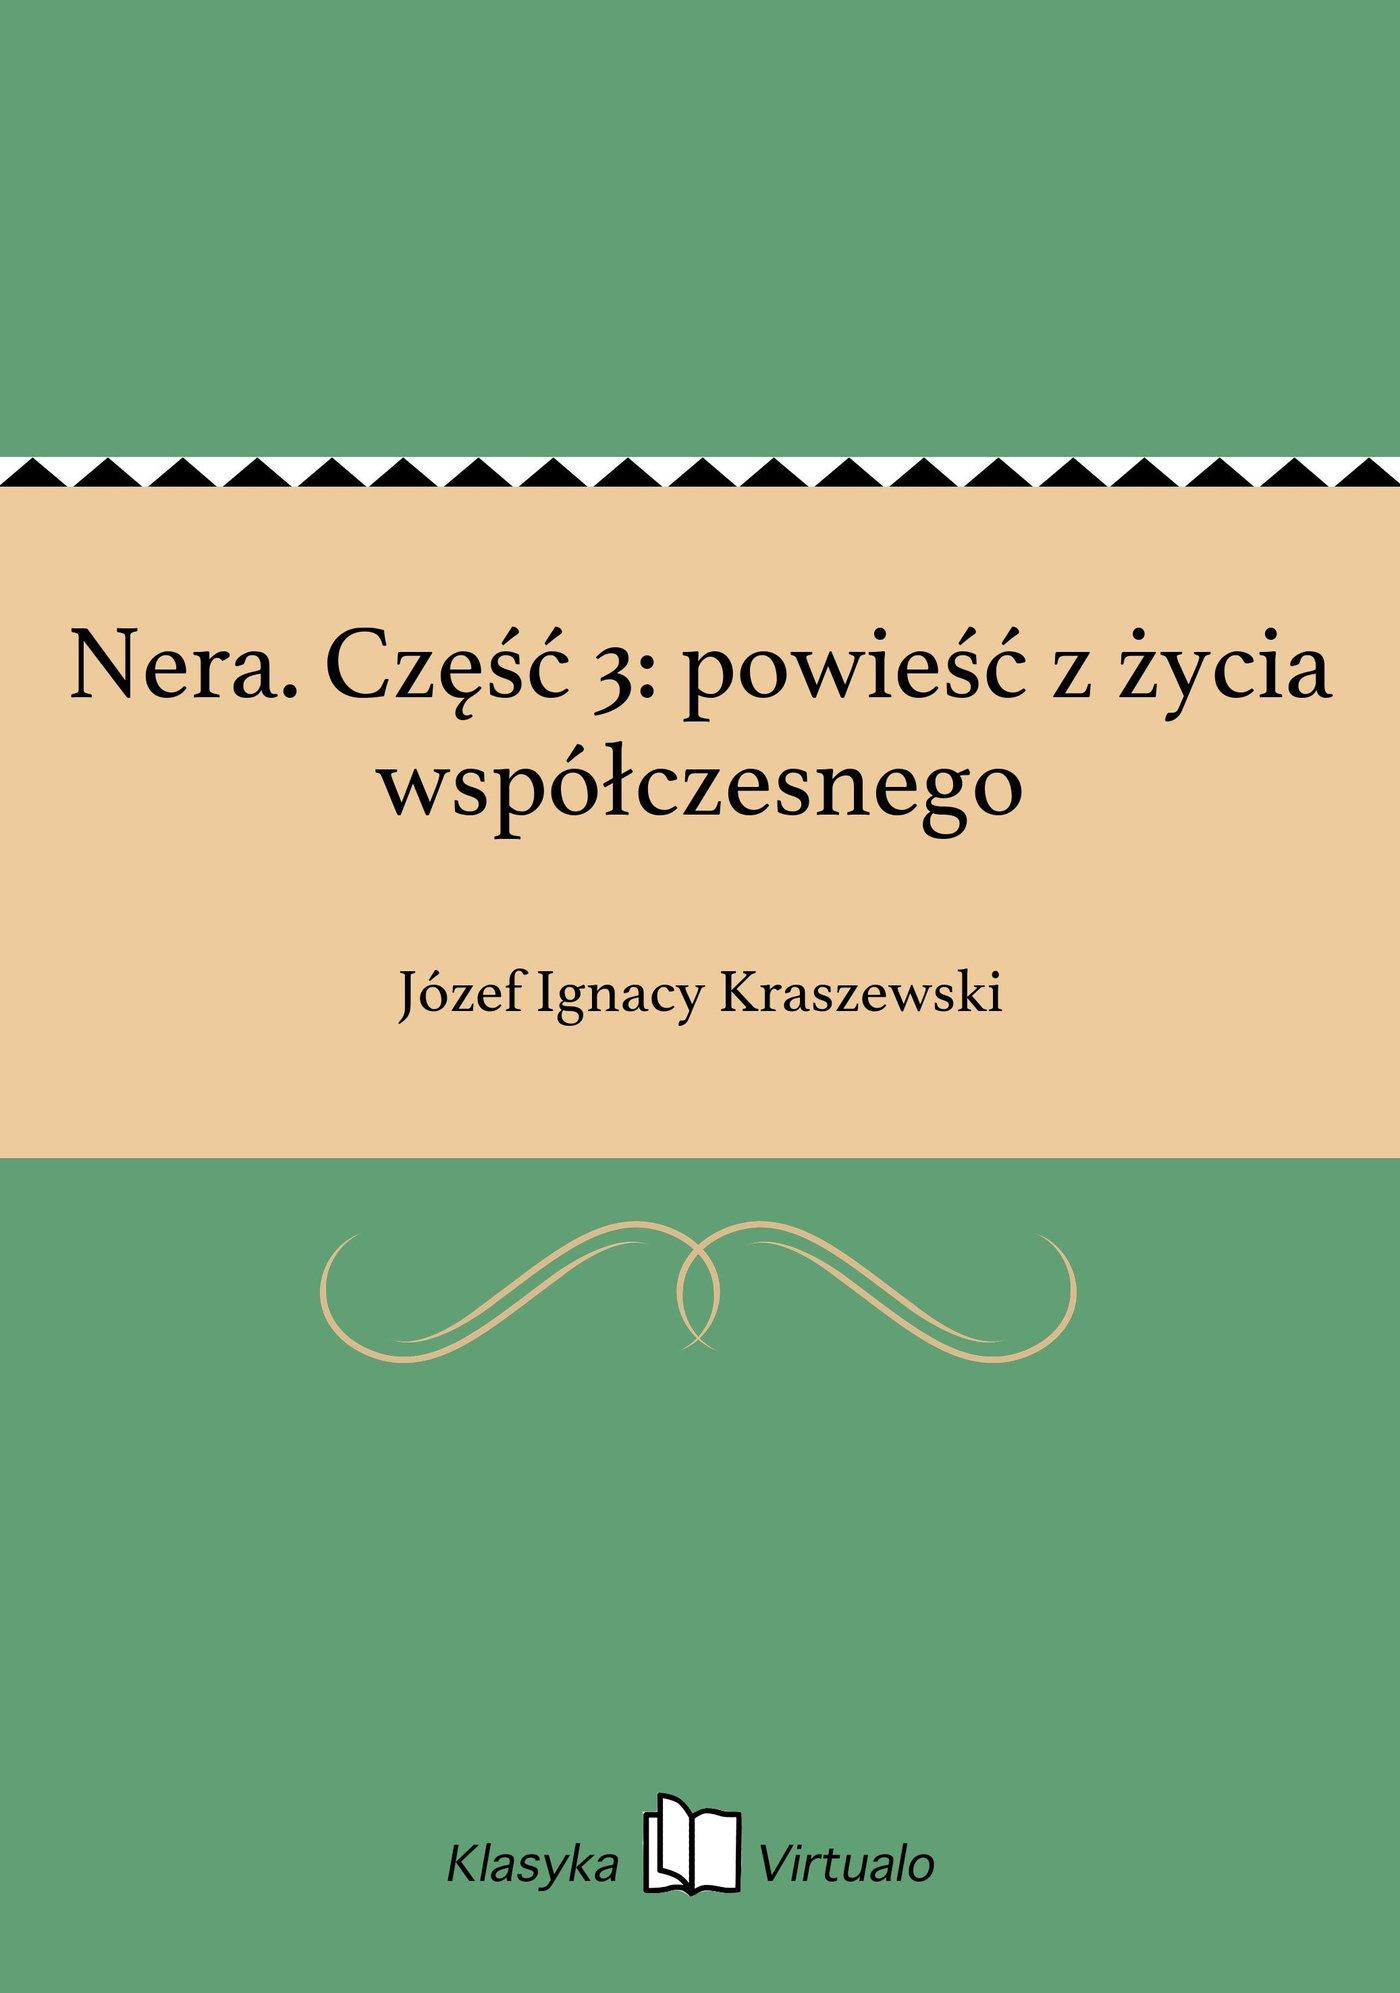 Nera. Część 3: powieść z życia współczesnego - Ebook (Książka EPUB) do pobrania w formacie EPUB